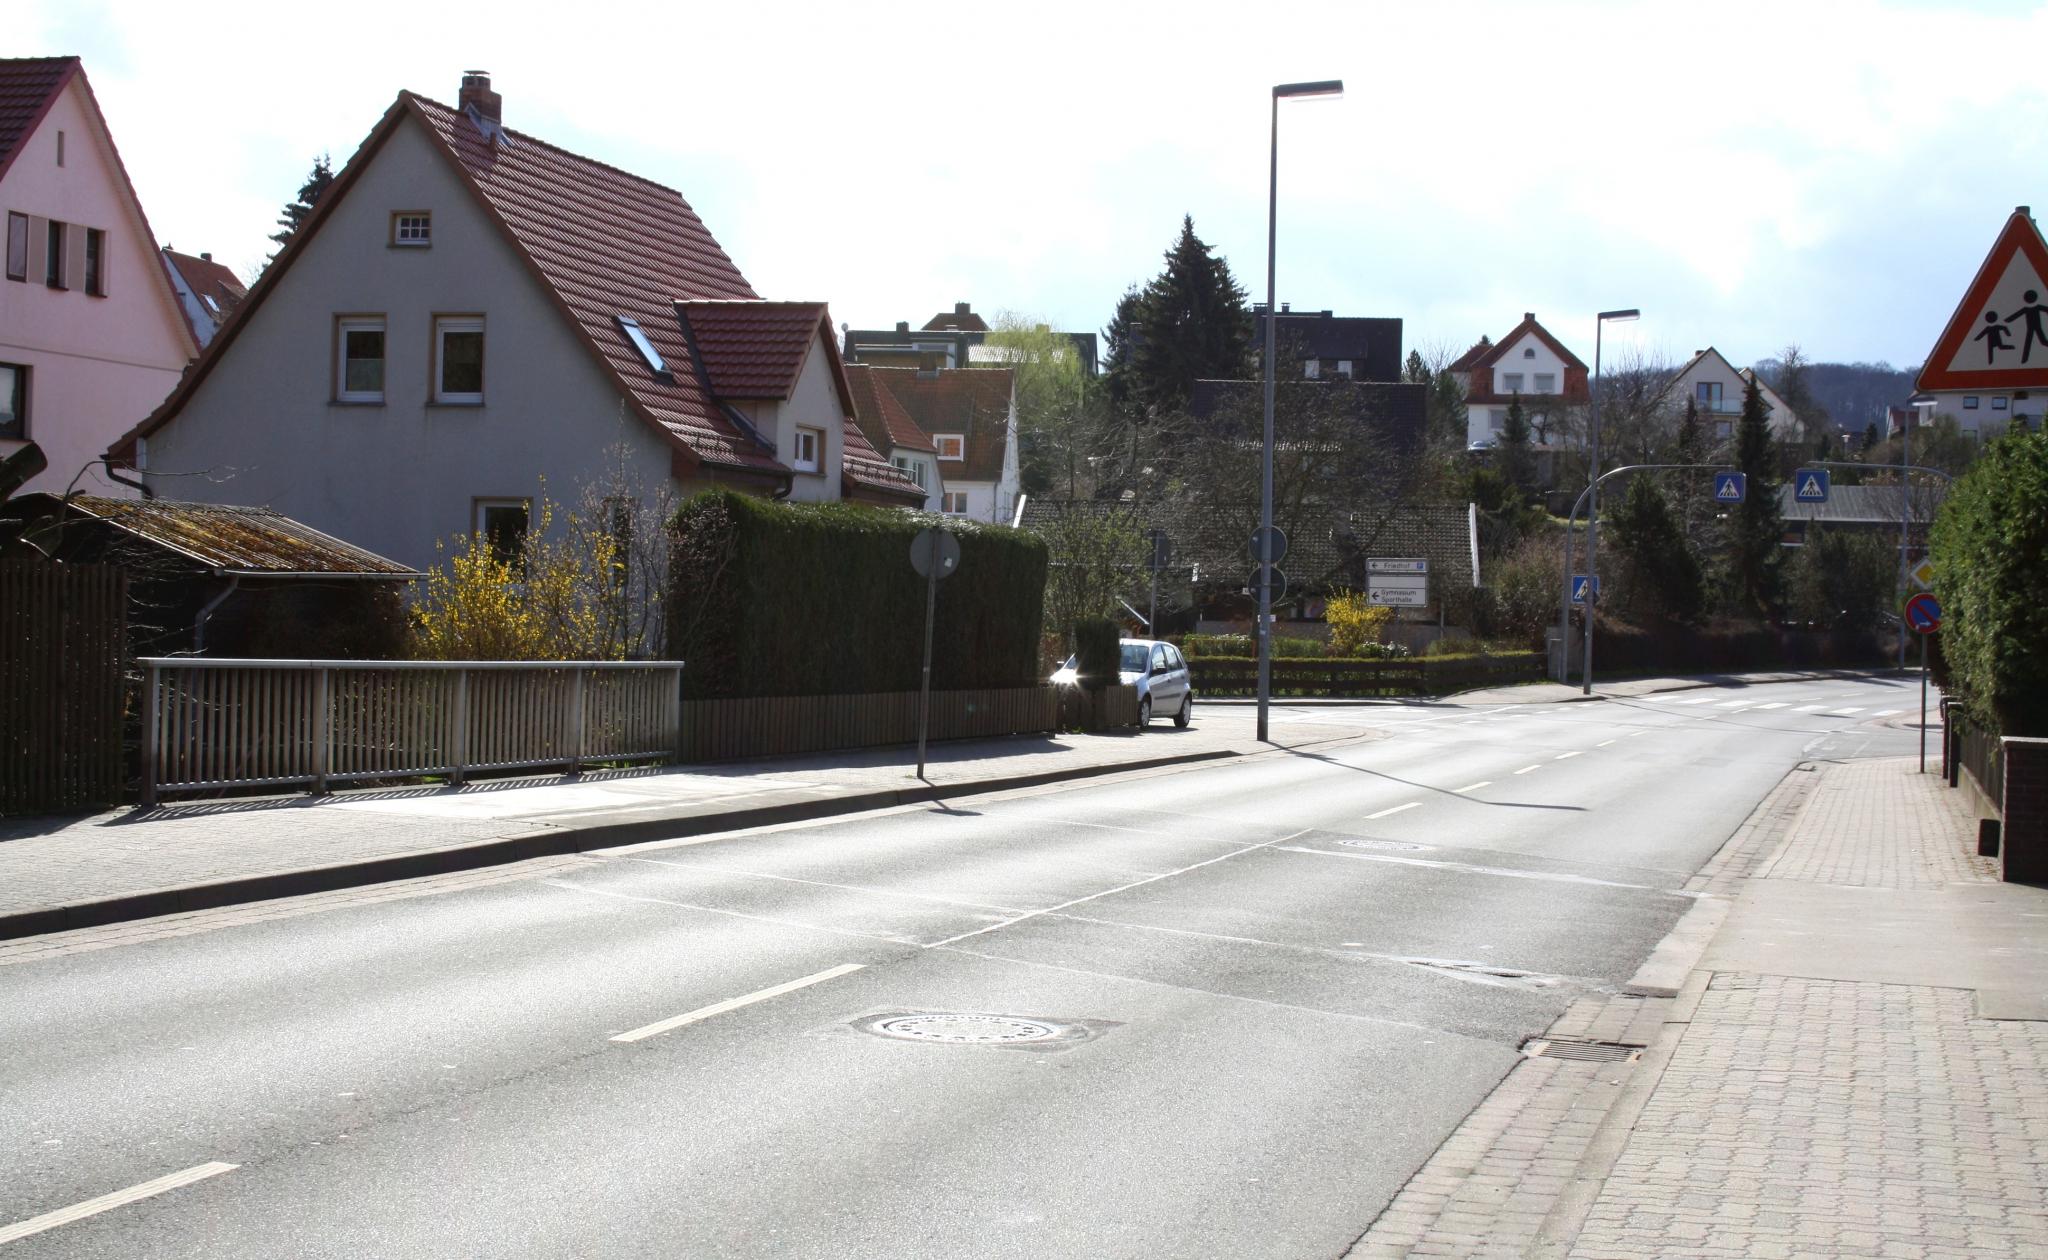 Gropiusring2010-01